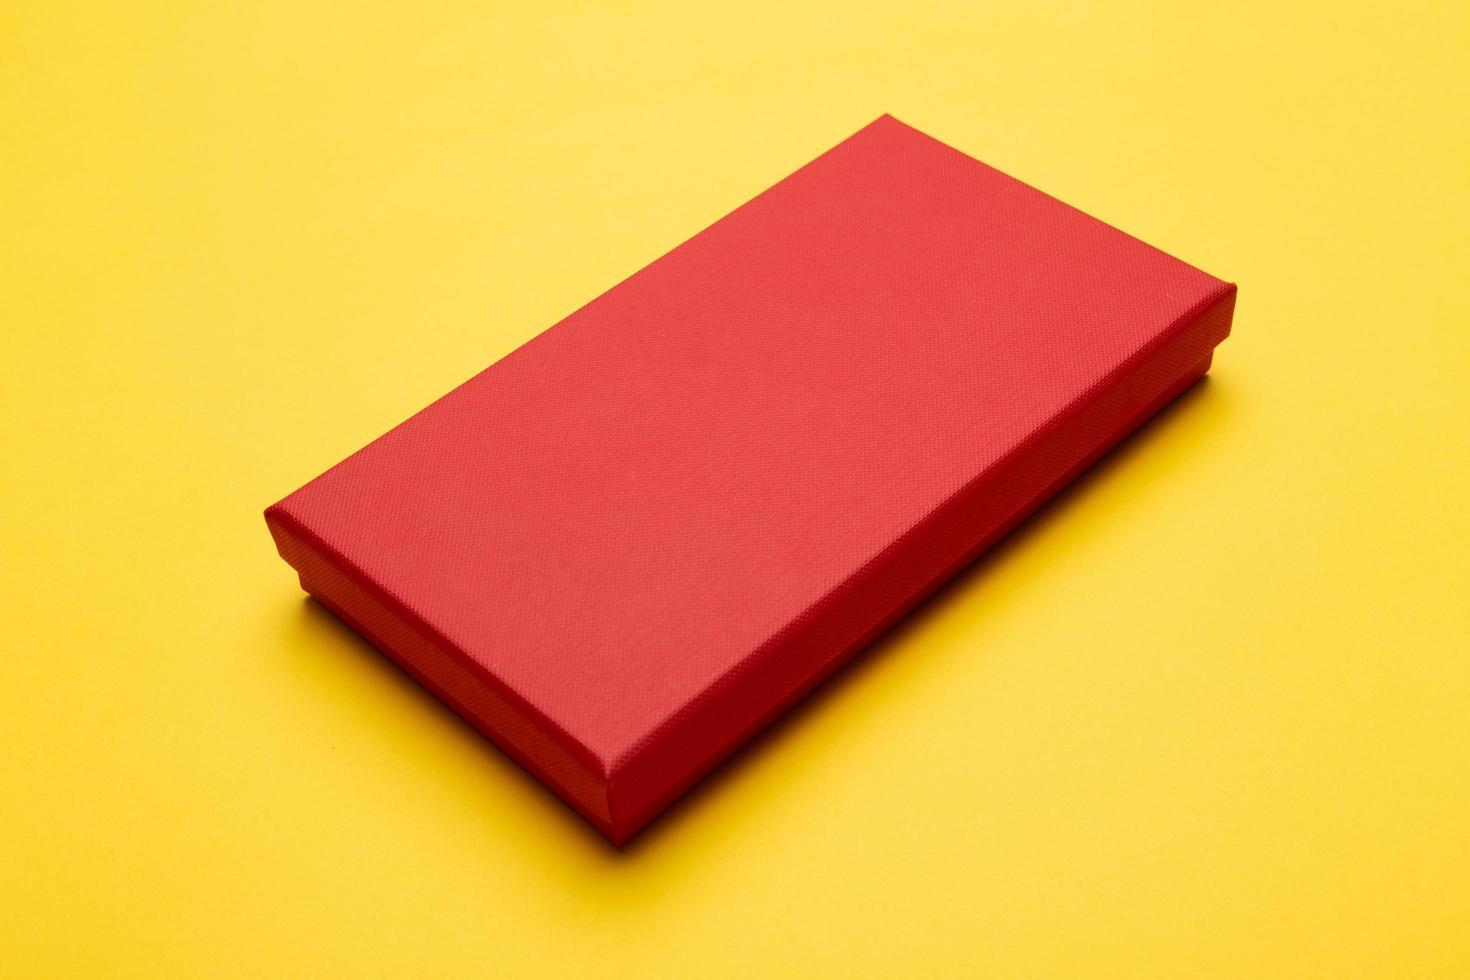 röd låda isolerad på gul bakgrund foto